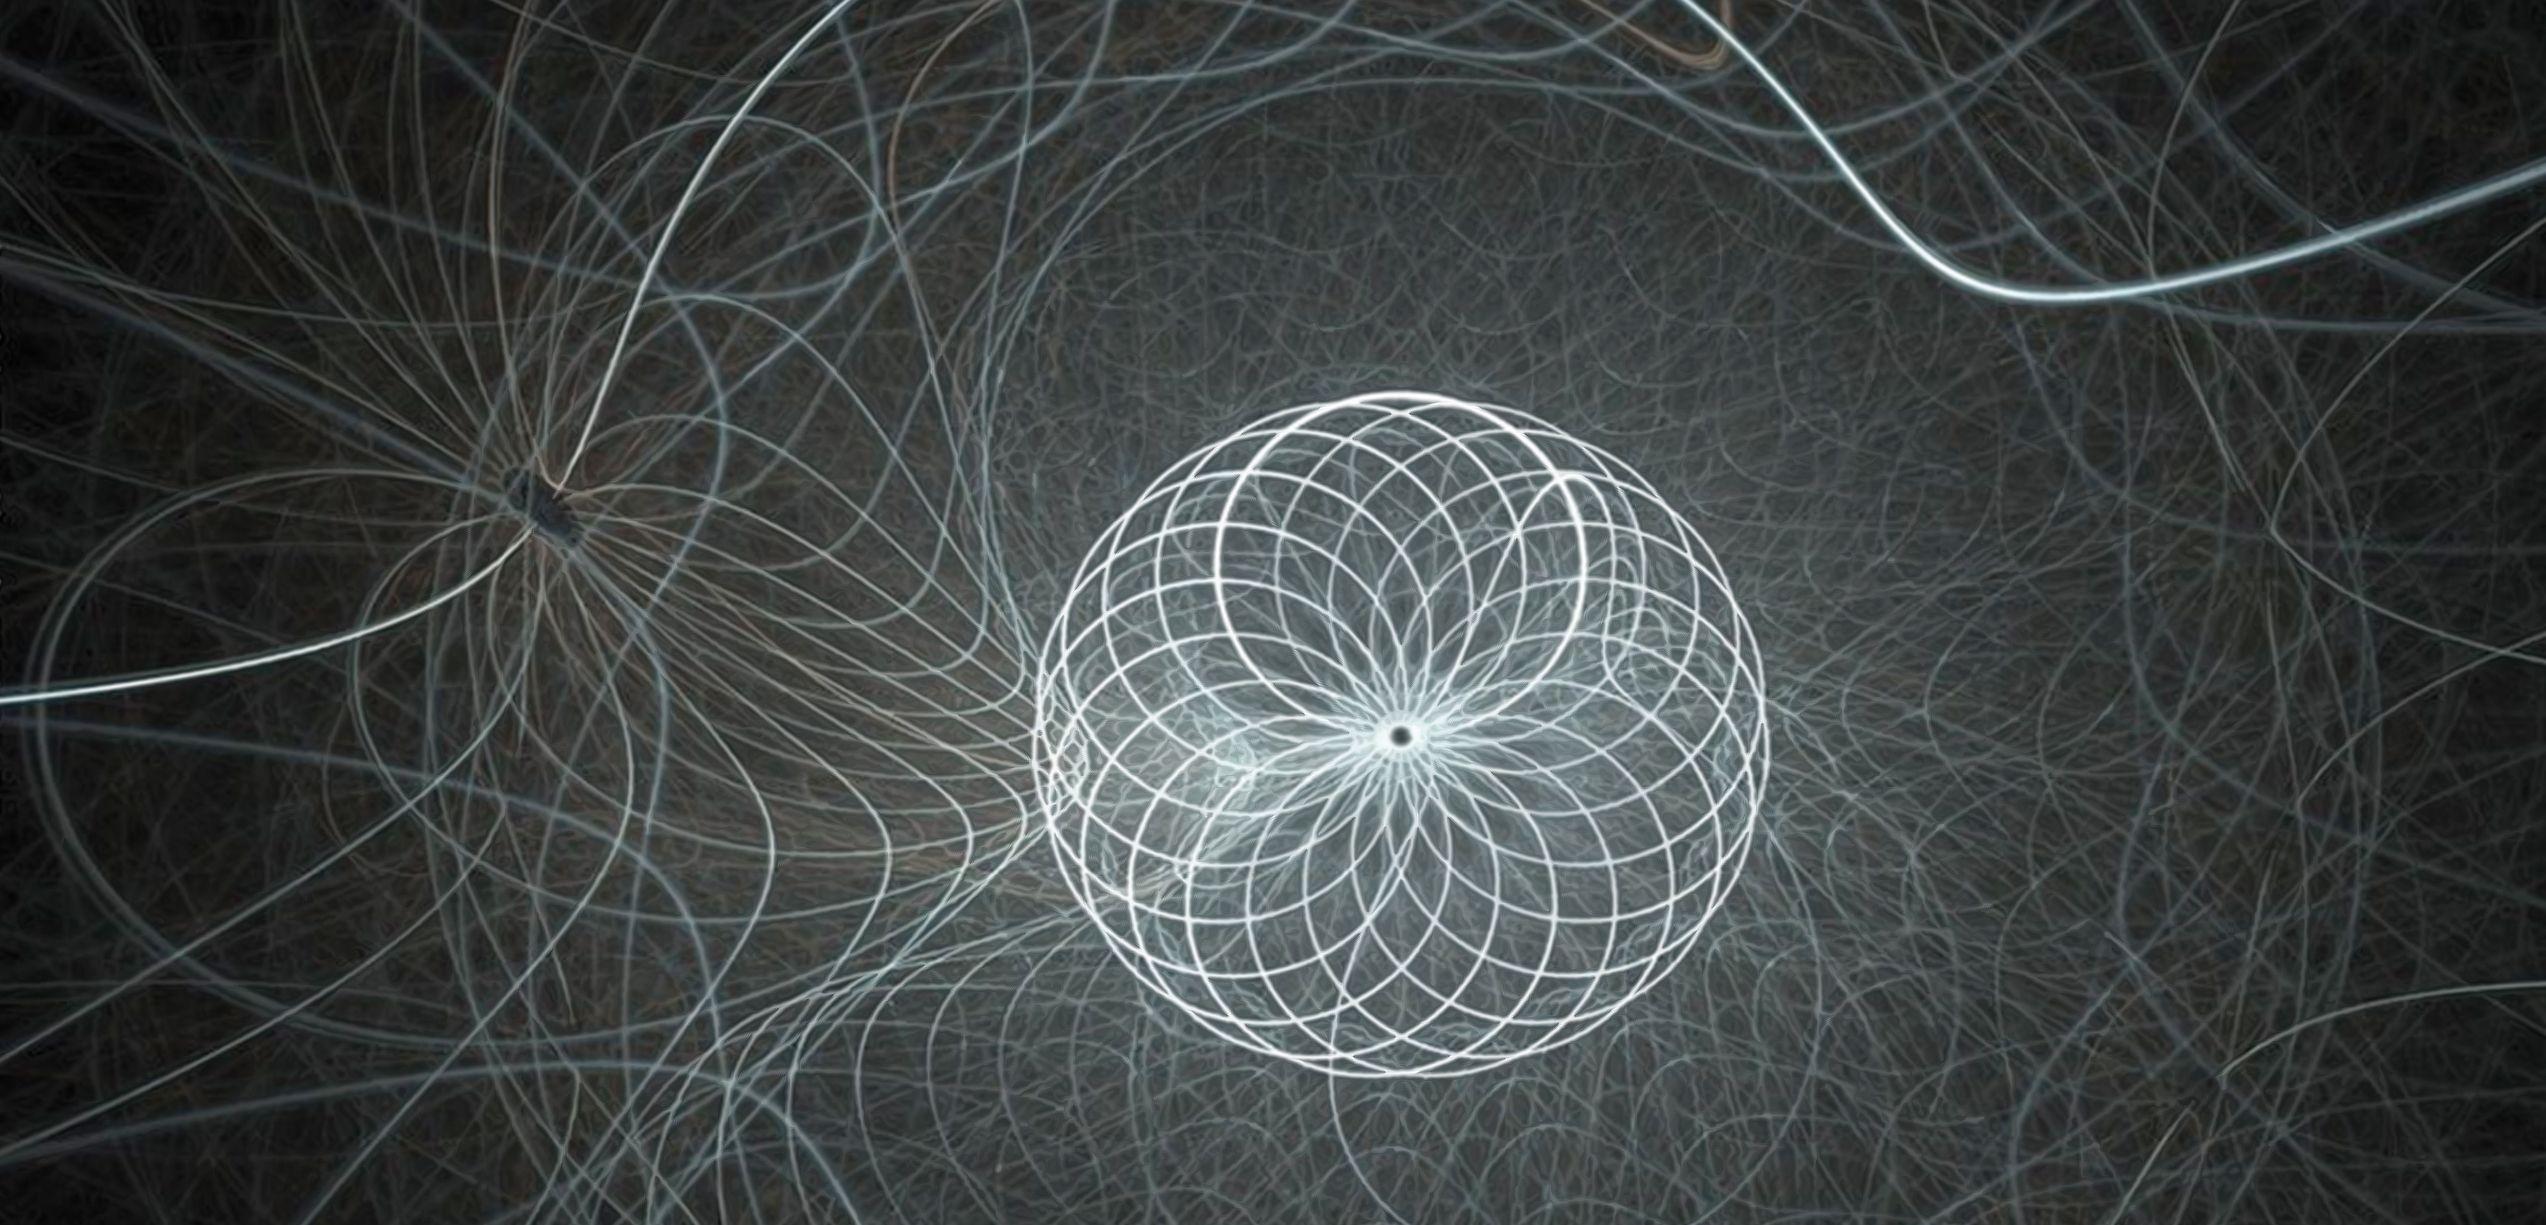 Может быть, каждый из нас живёт всвоей собственной реальности. Но что это значит для физики— пока непонятно.